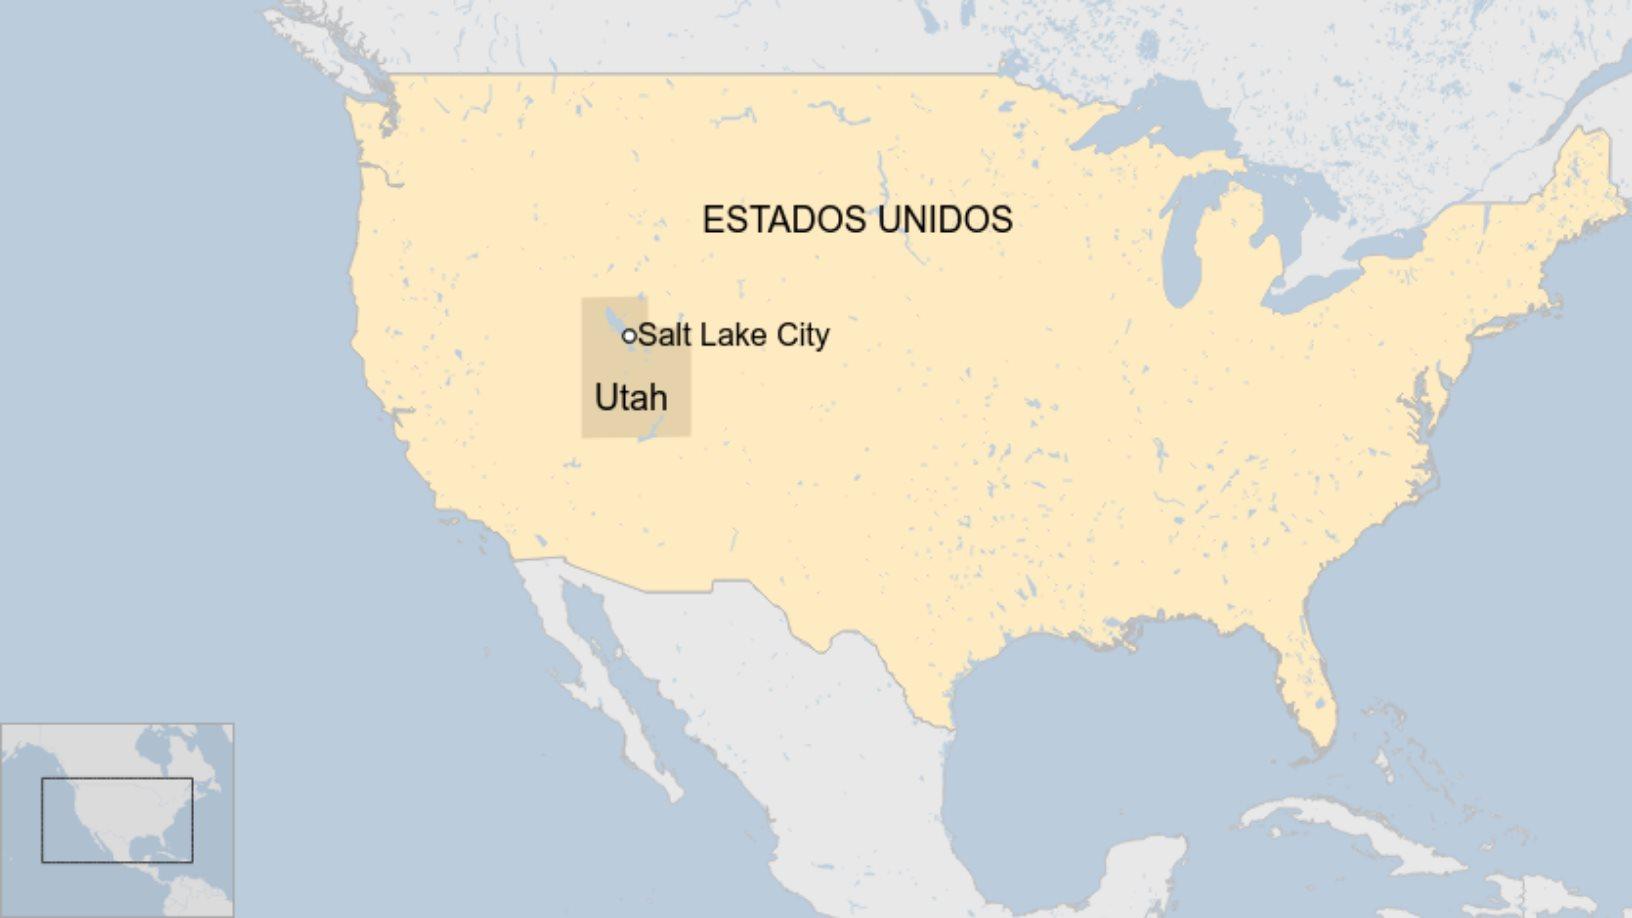 Ubicación de Utah